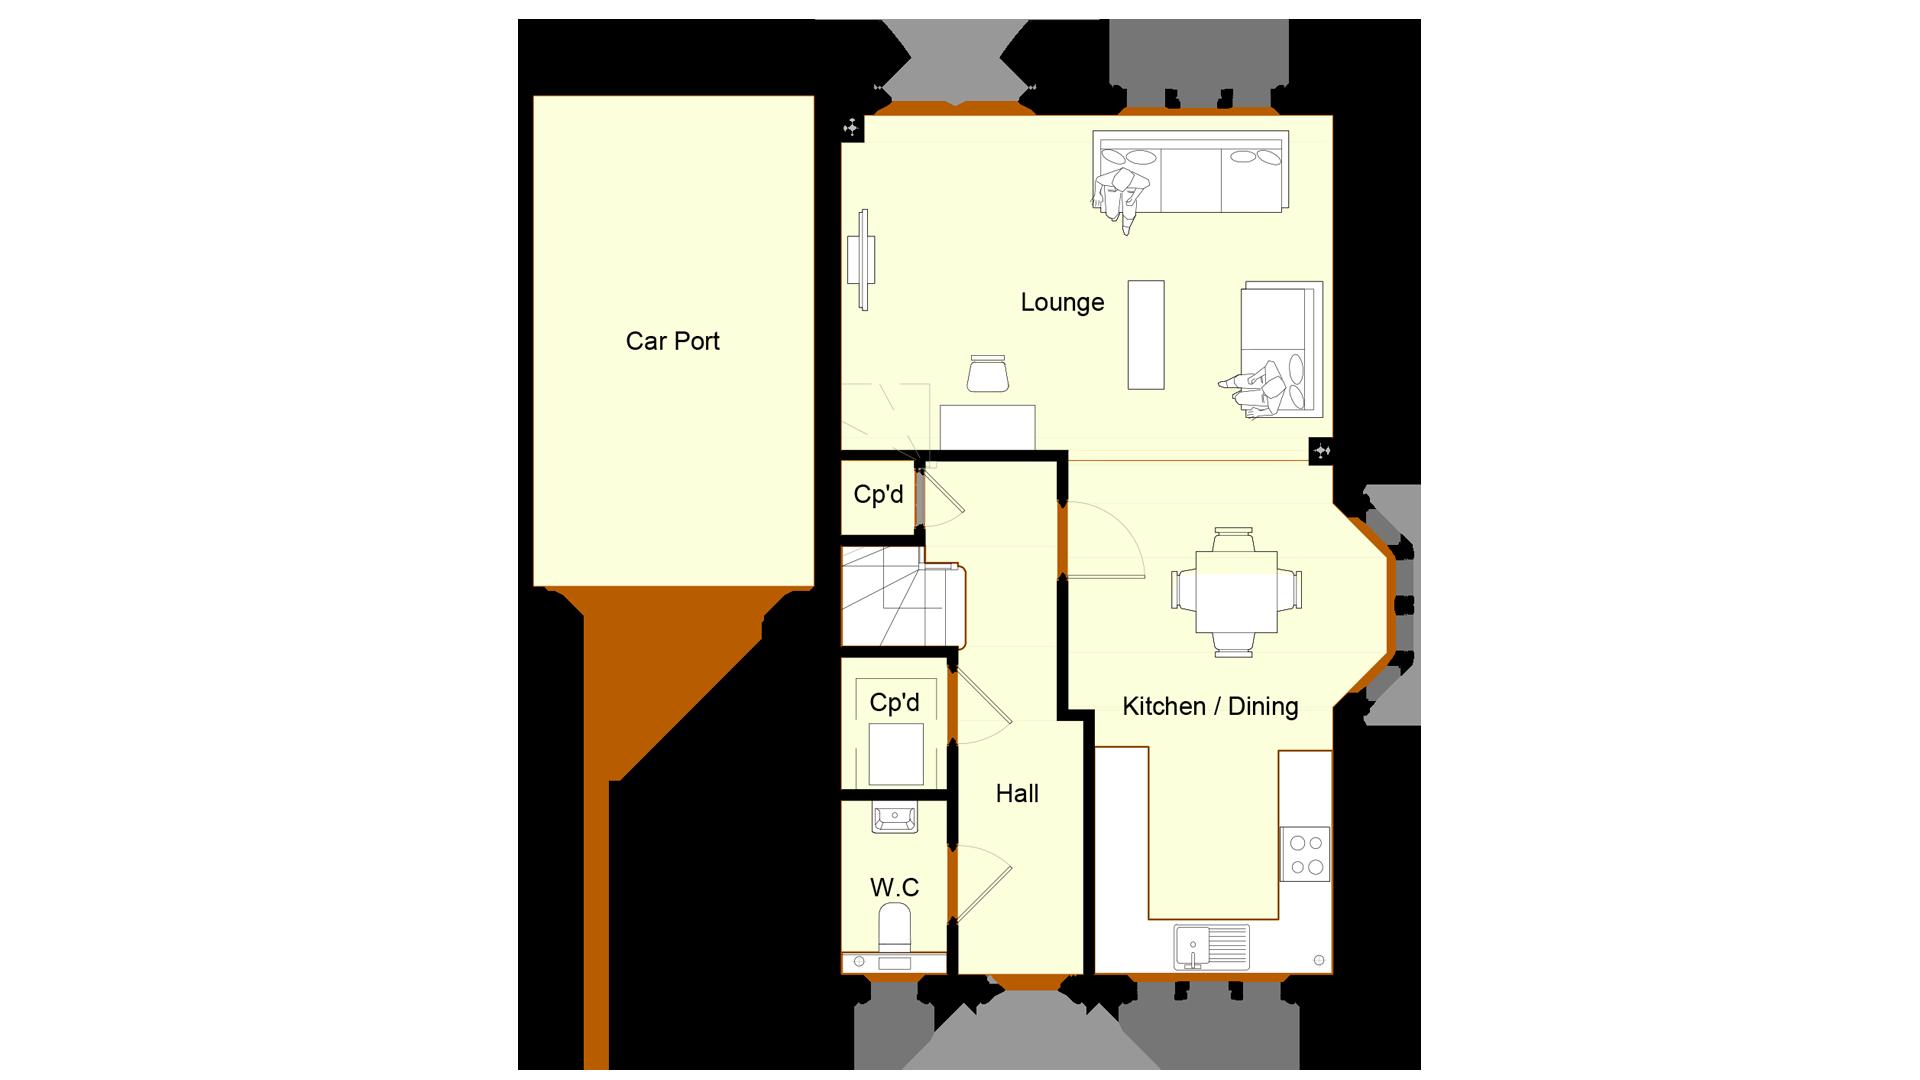 Layout of Ground floor Plot1 Ivy court.